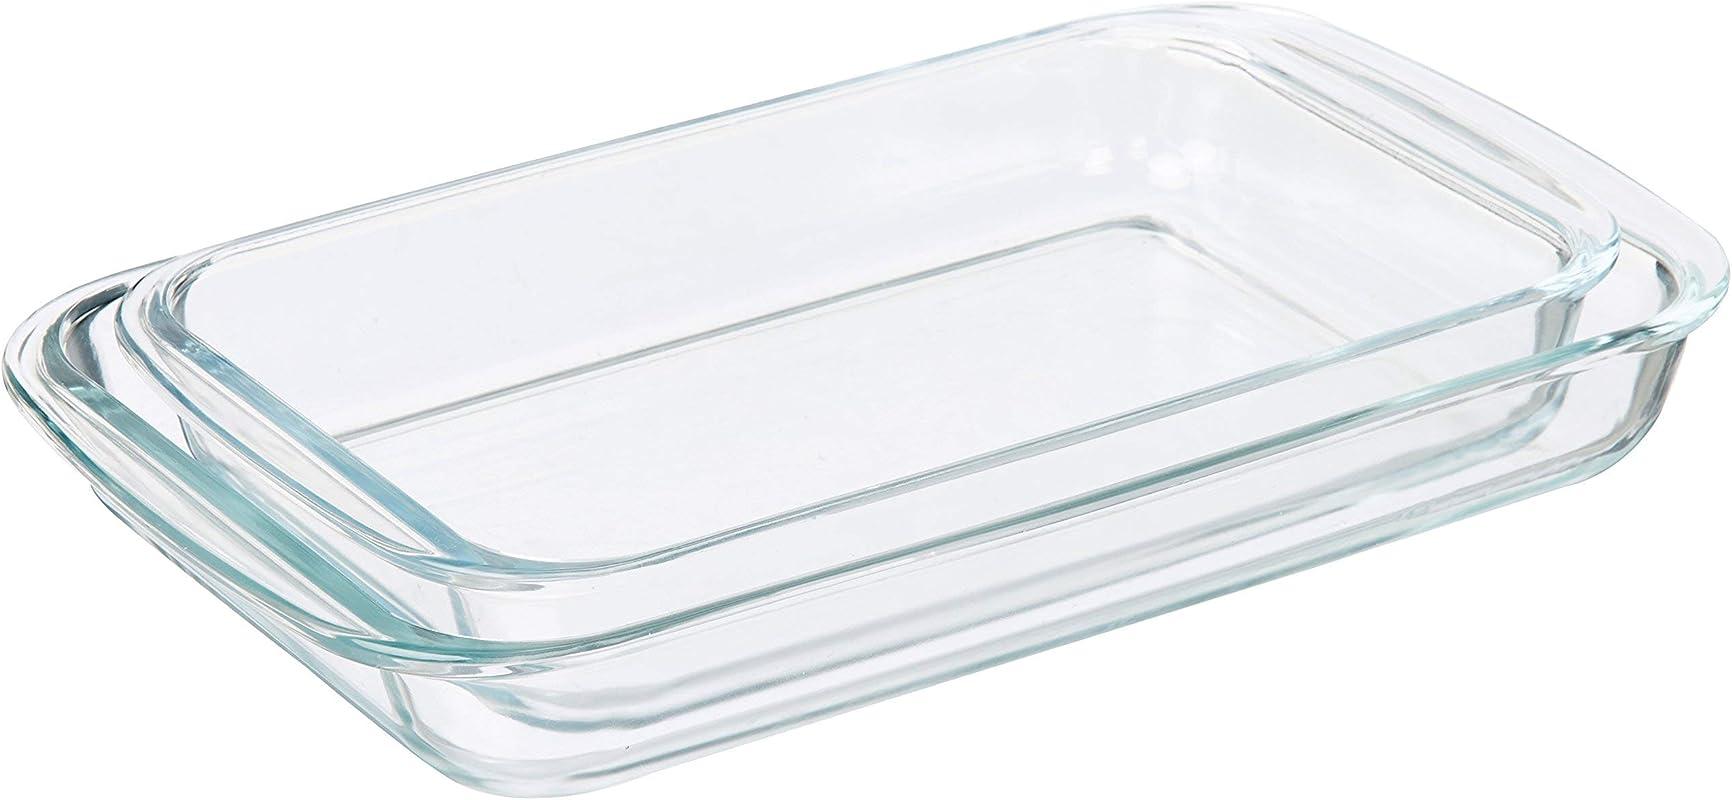 AmazonBasics Glass Oblong Oven Baking Dishes Set Of 2